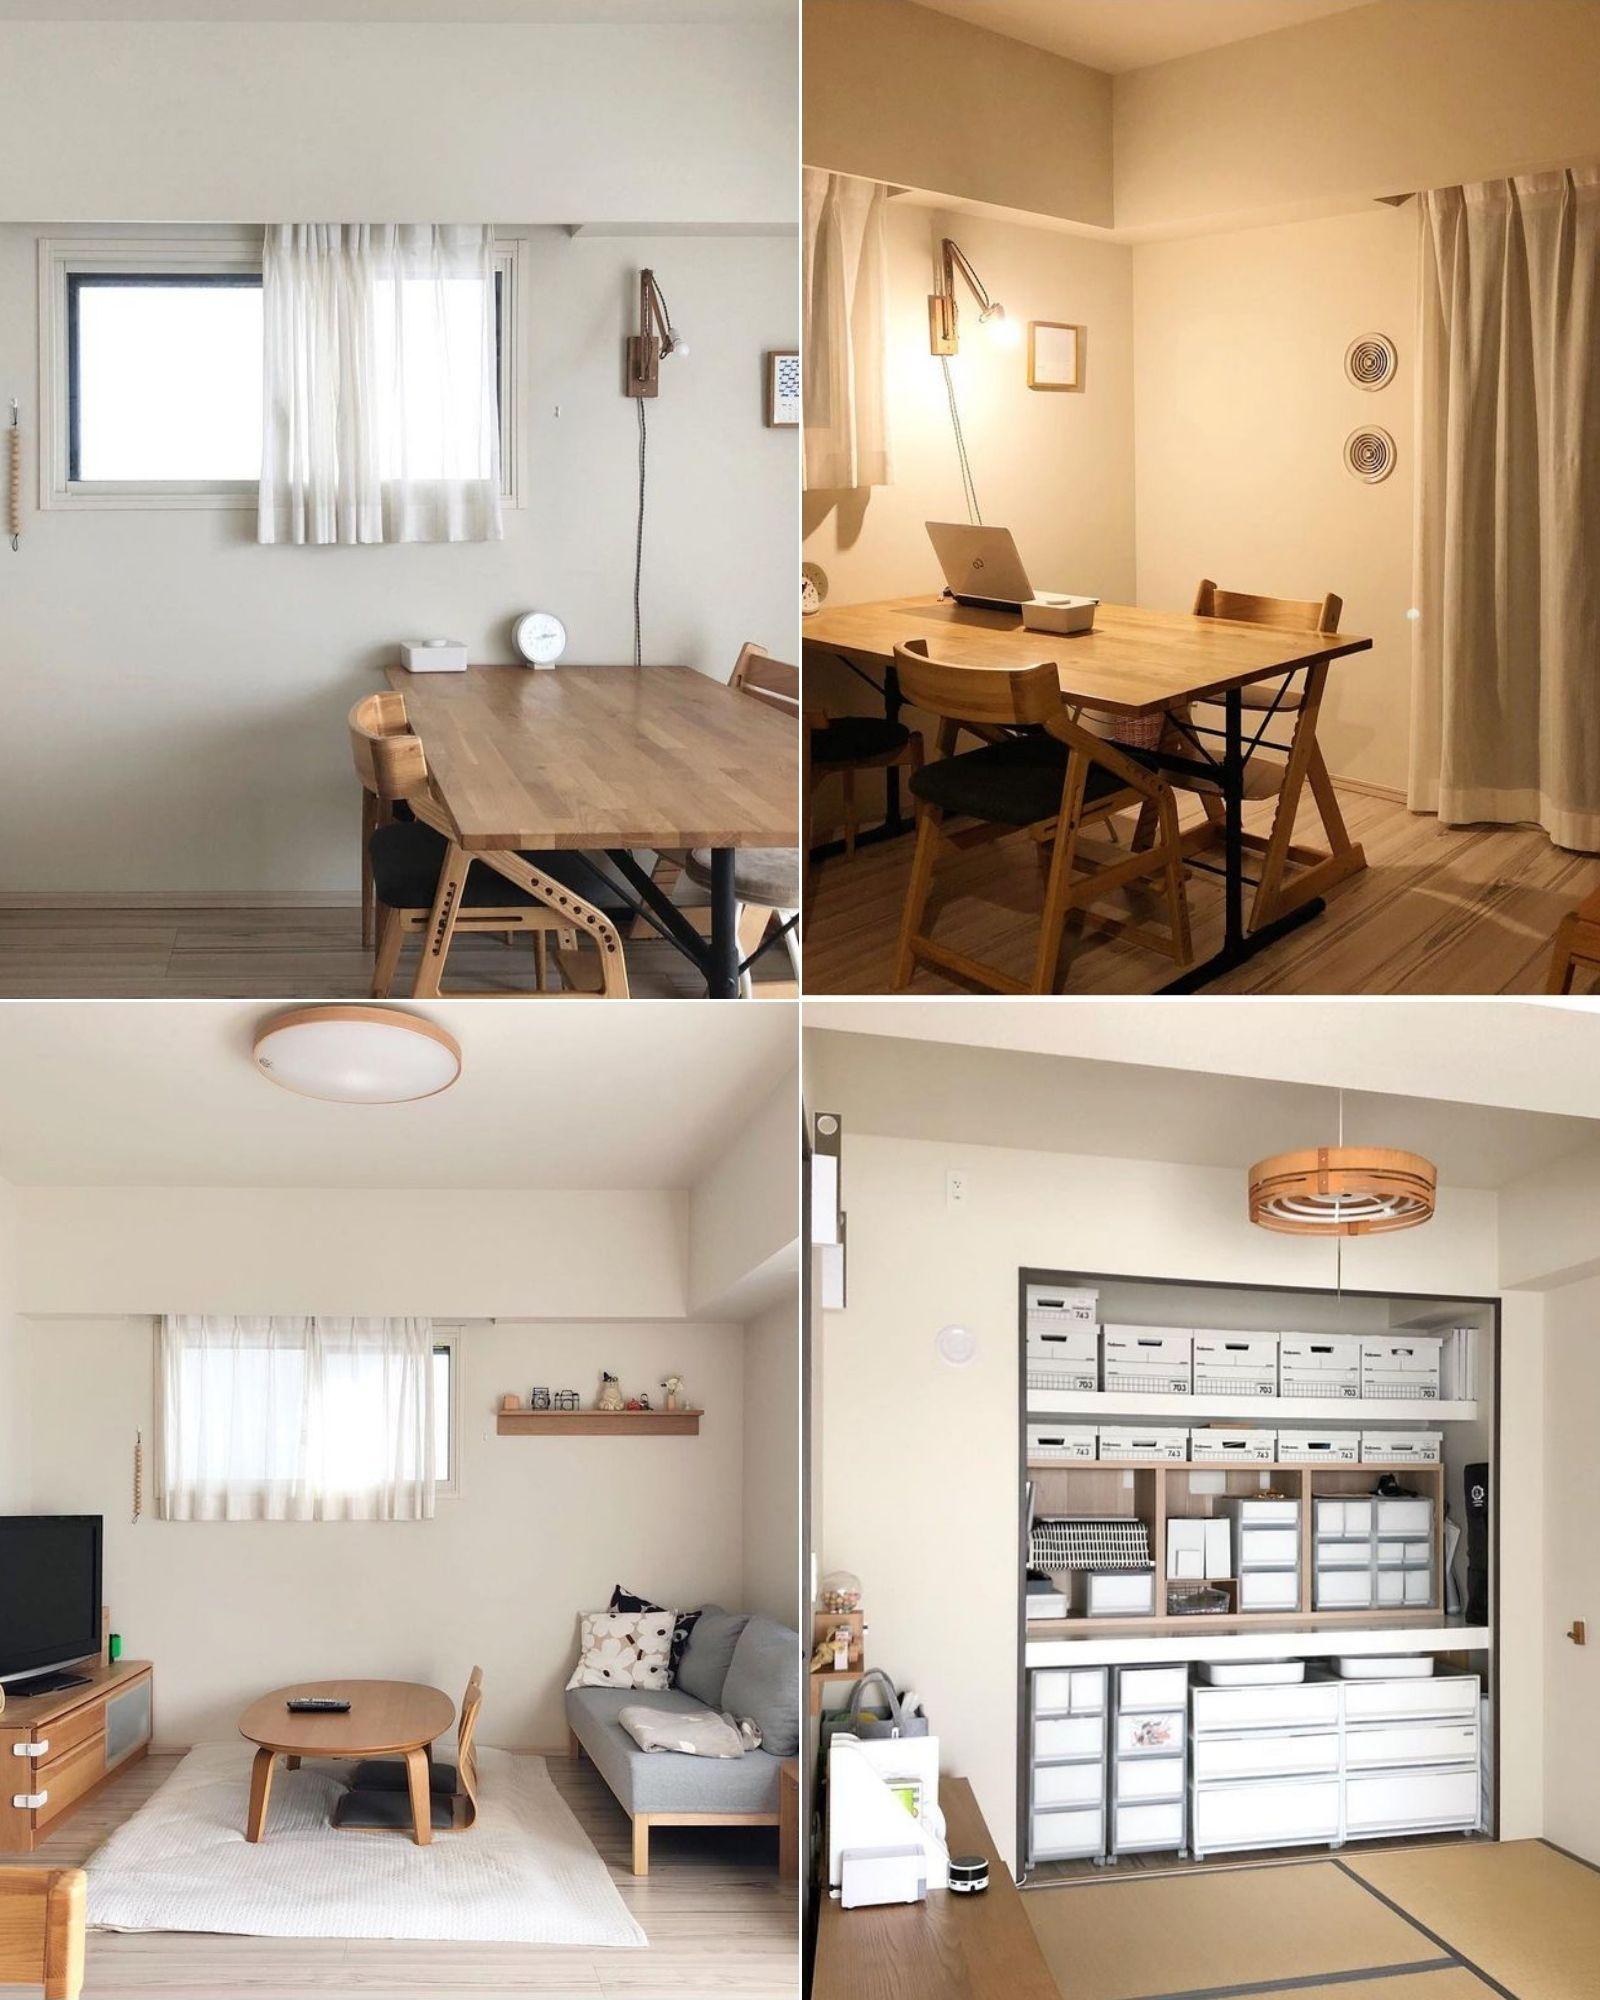 Tài khoản Instagram @penta_room truyền cảm hứng trang trí phòng